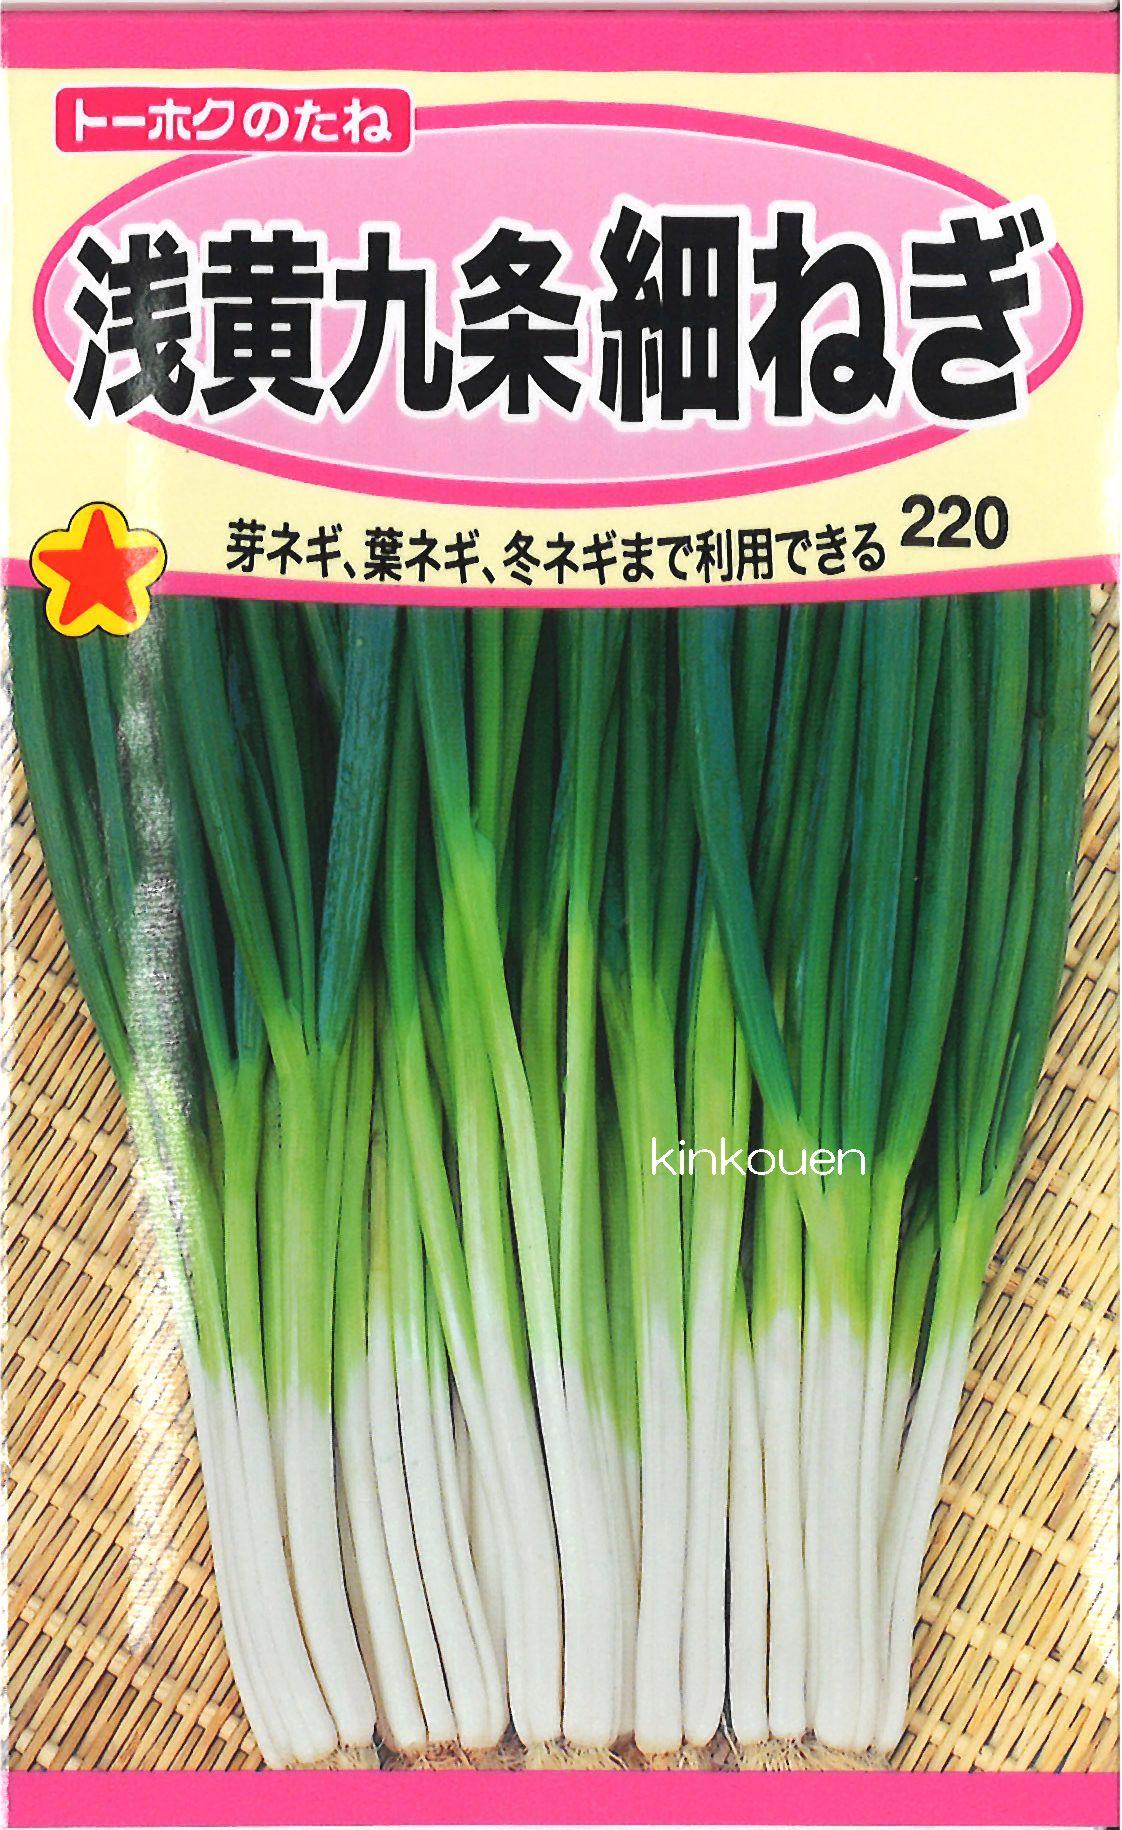 【代引不可】【5袋まで送料80円】 □浅黄九条細ねぎ